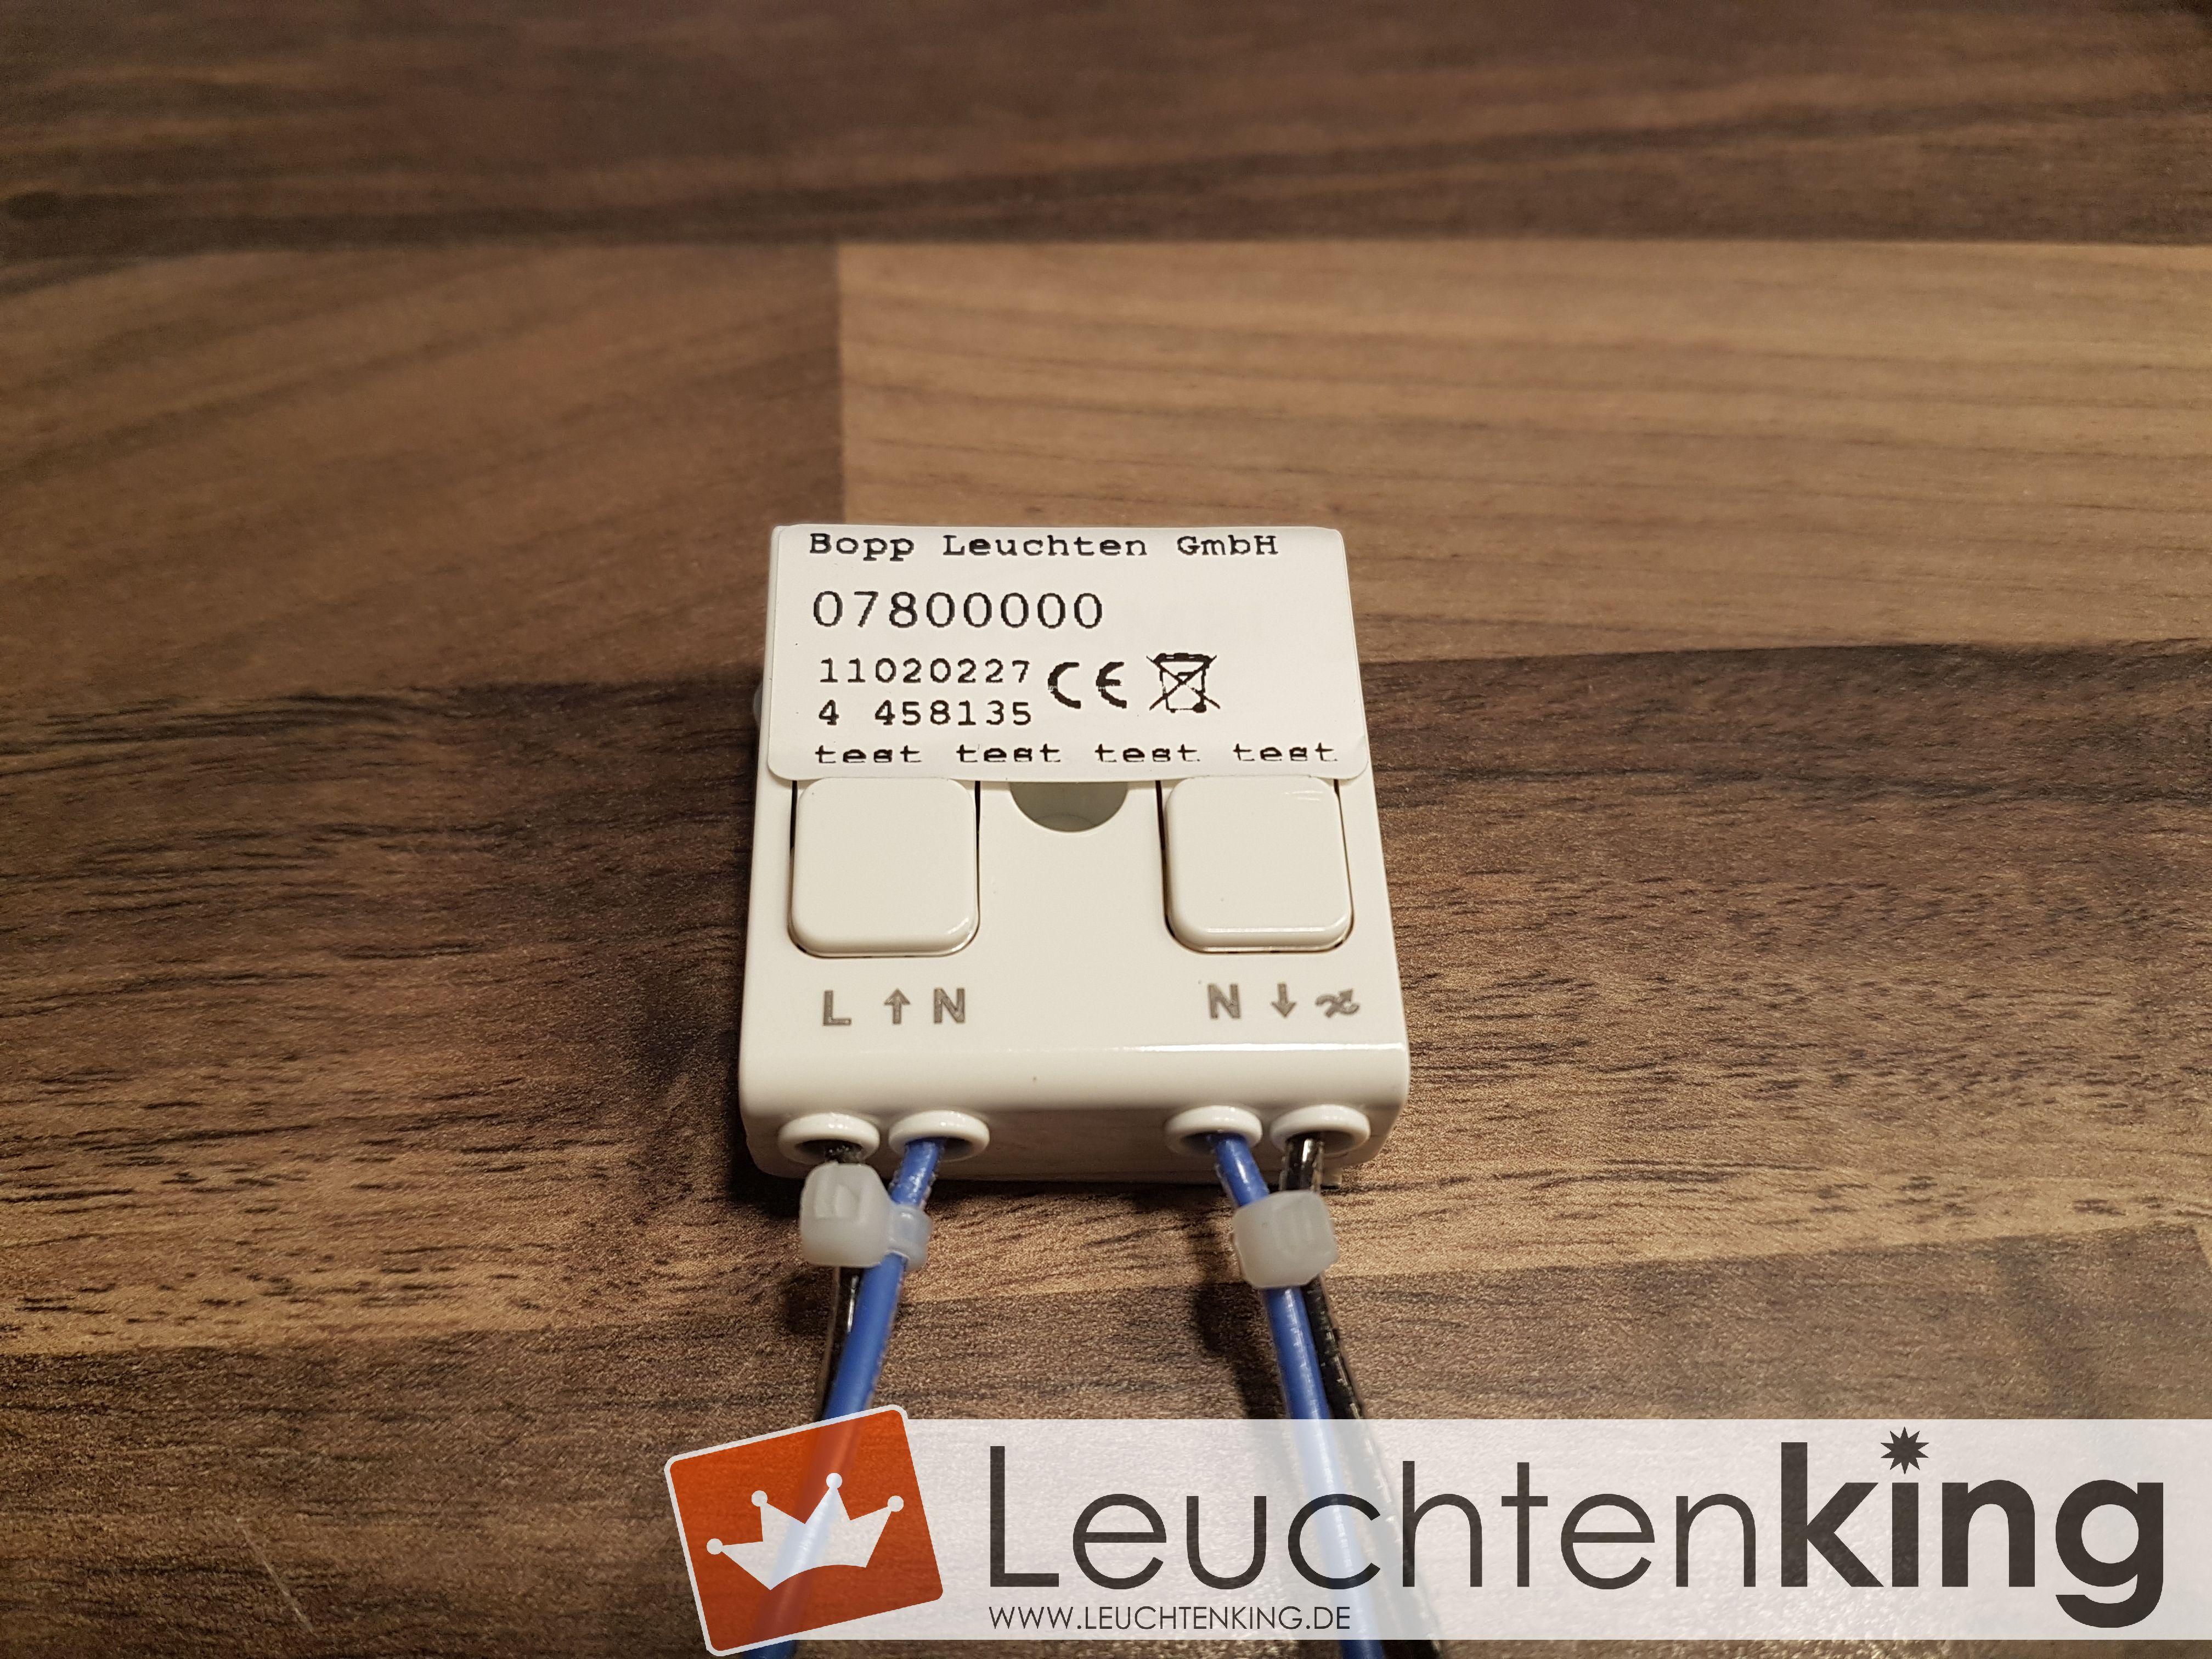 Bopp LeuchtenCASAMBI Bluetooth- Nachrüstmodul für Bopp-Leuchten mit LED-Bändern07800000